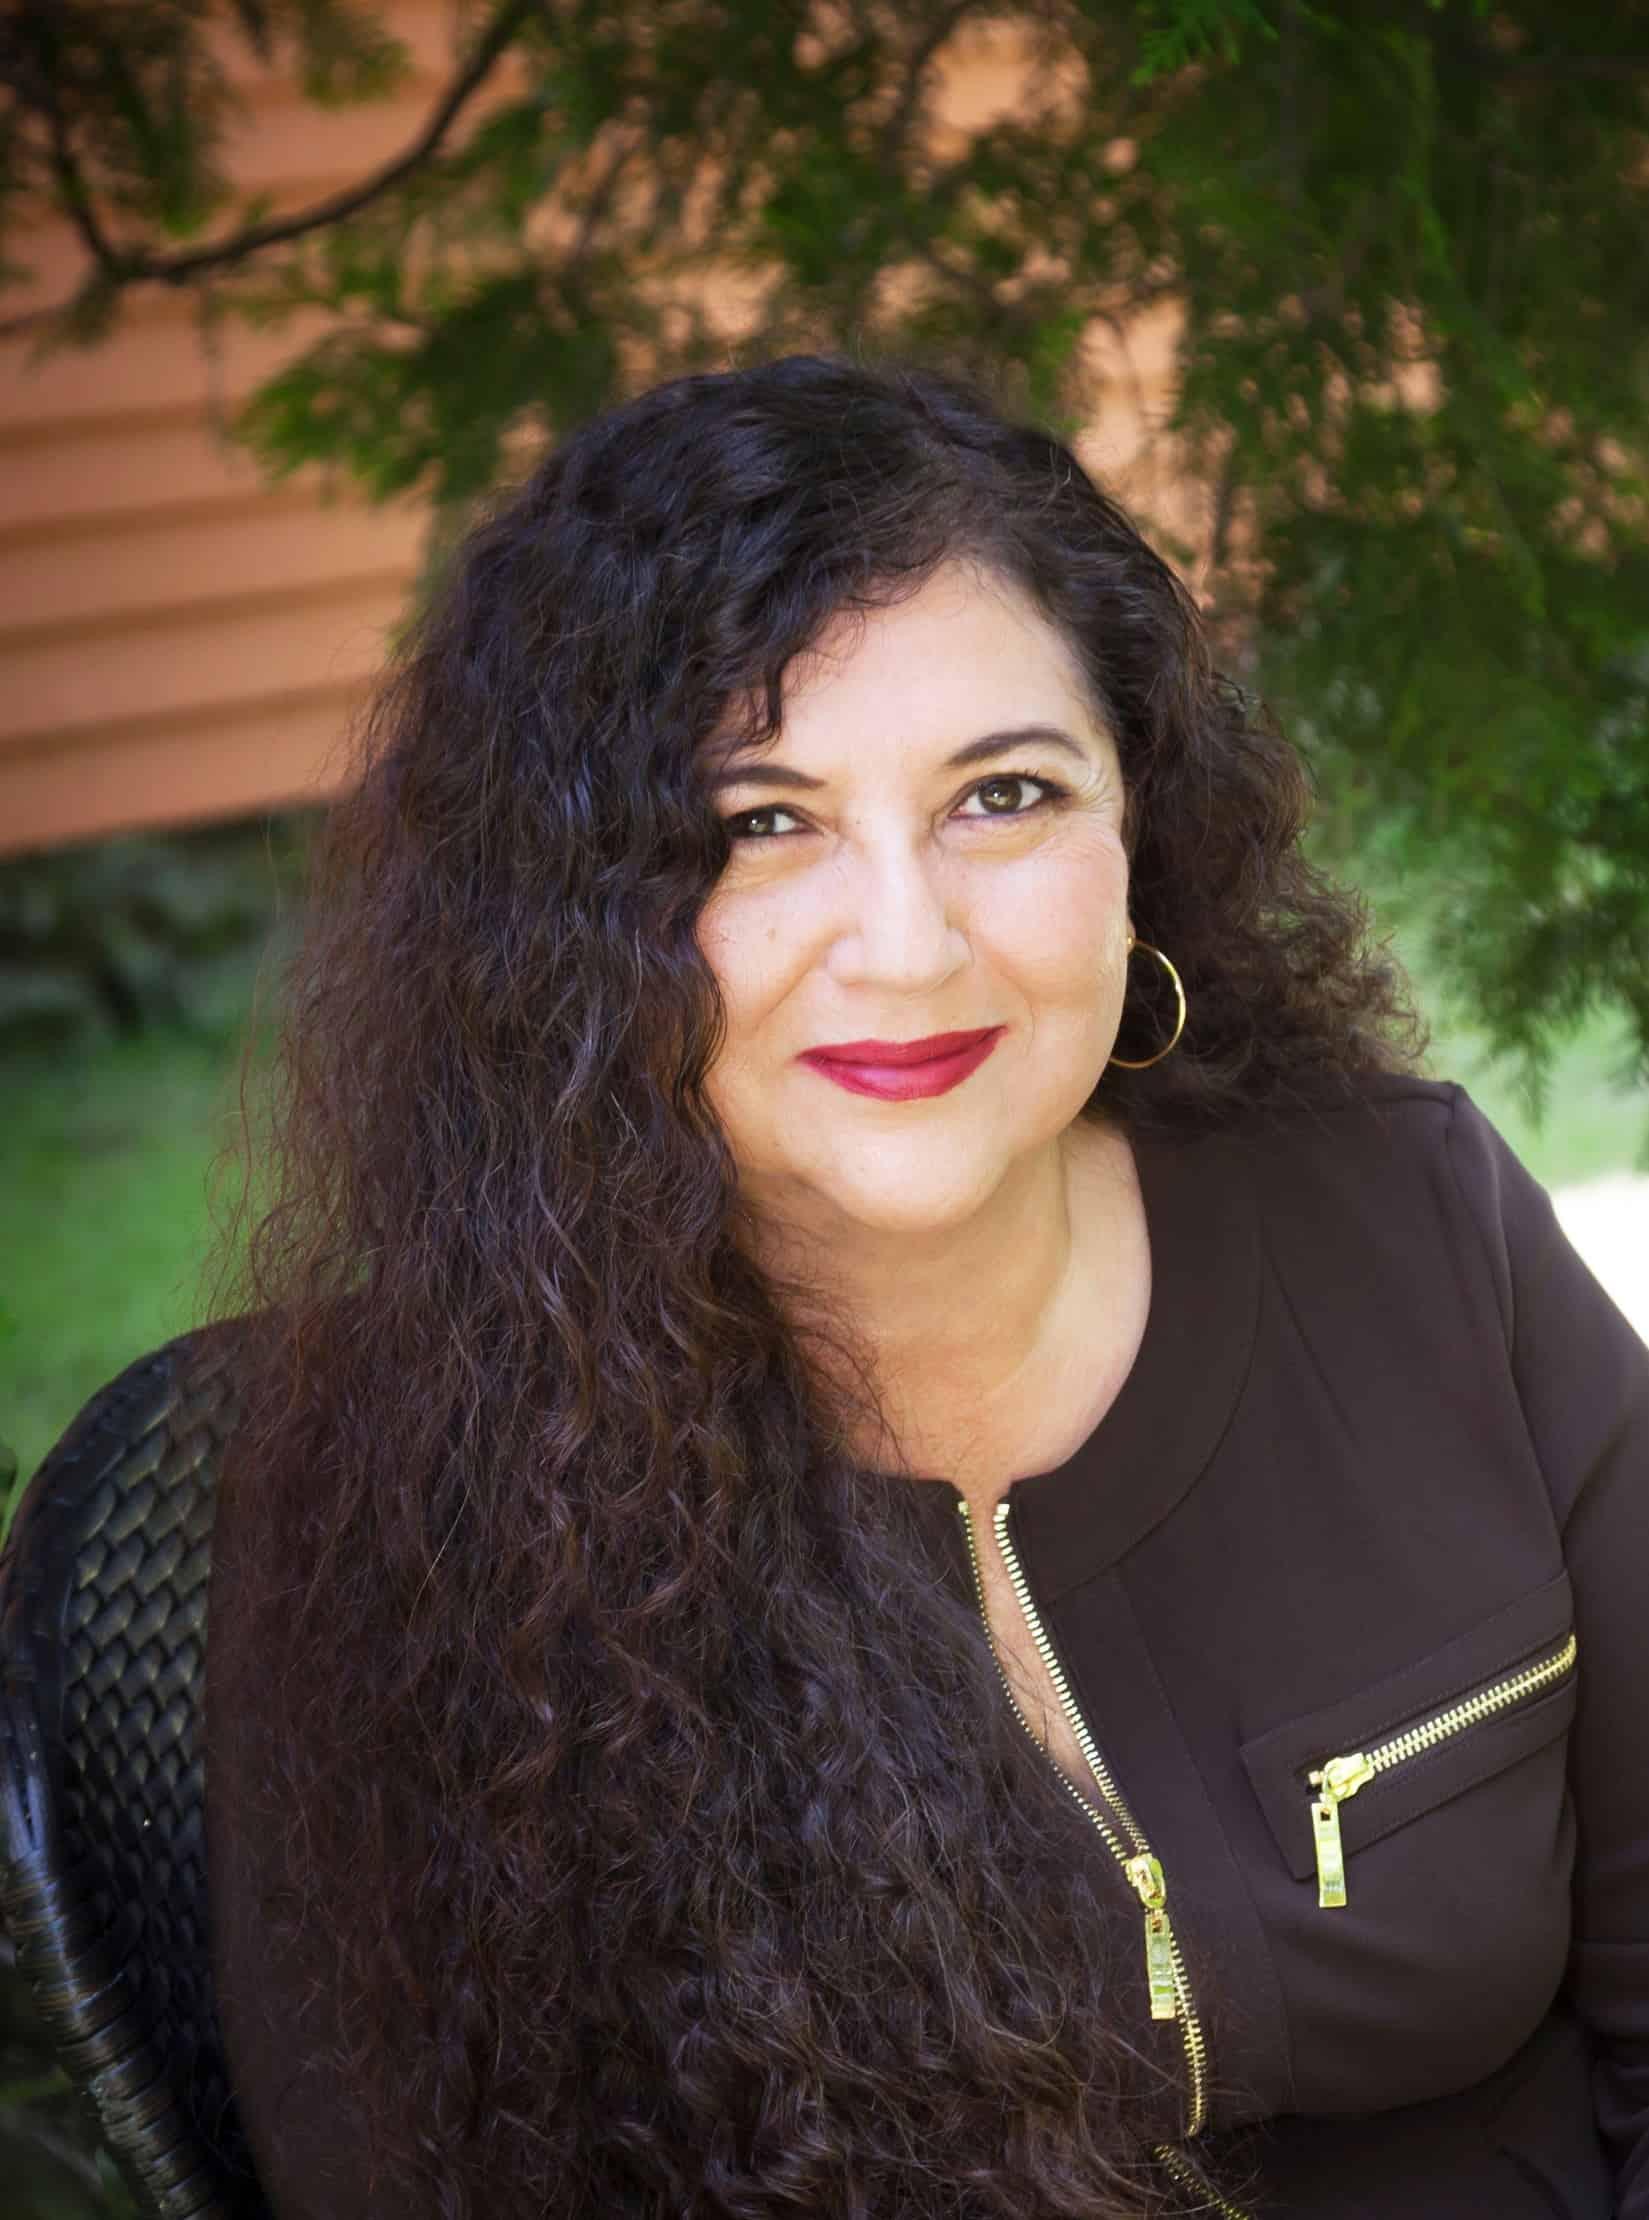 Brenda Canady